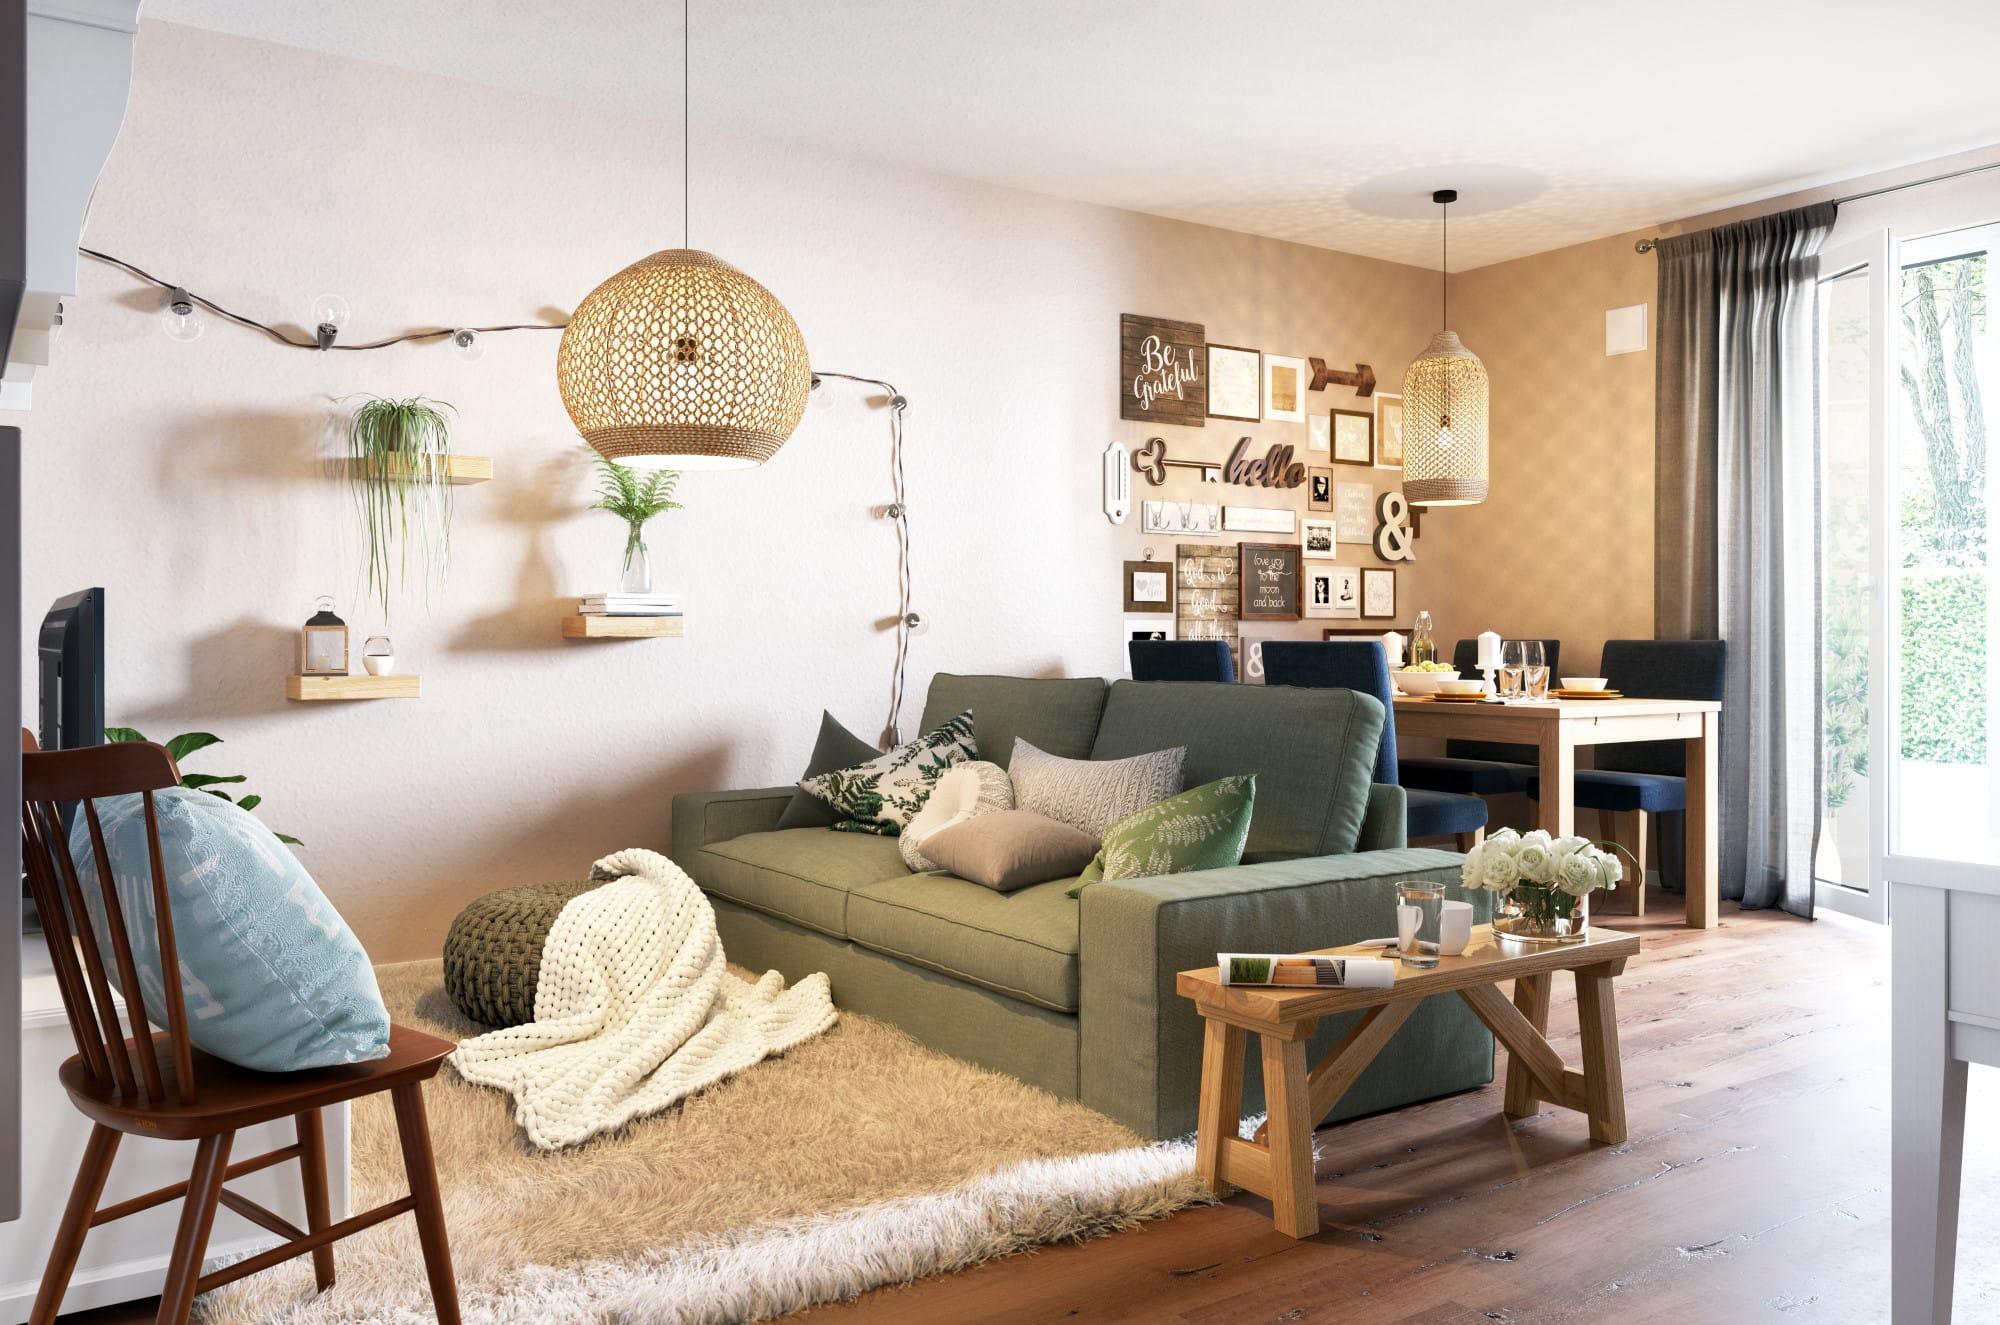 Wohnzimmer im modernen Landhausstil - Haus Design Ideen Inneneinrichtung Town Country Haus Bungalow 78 - HausbauDirekt.de